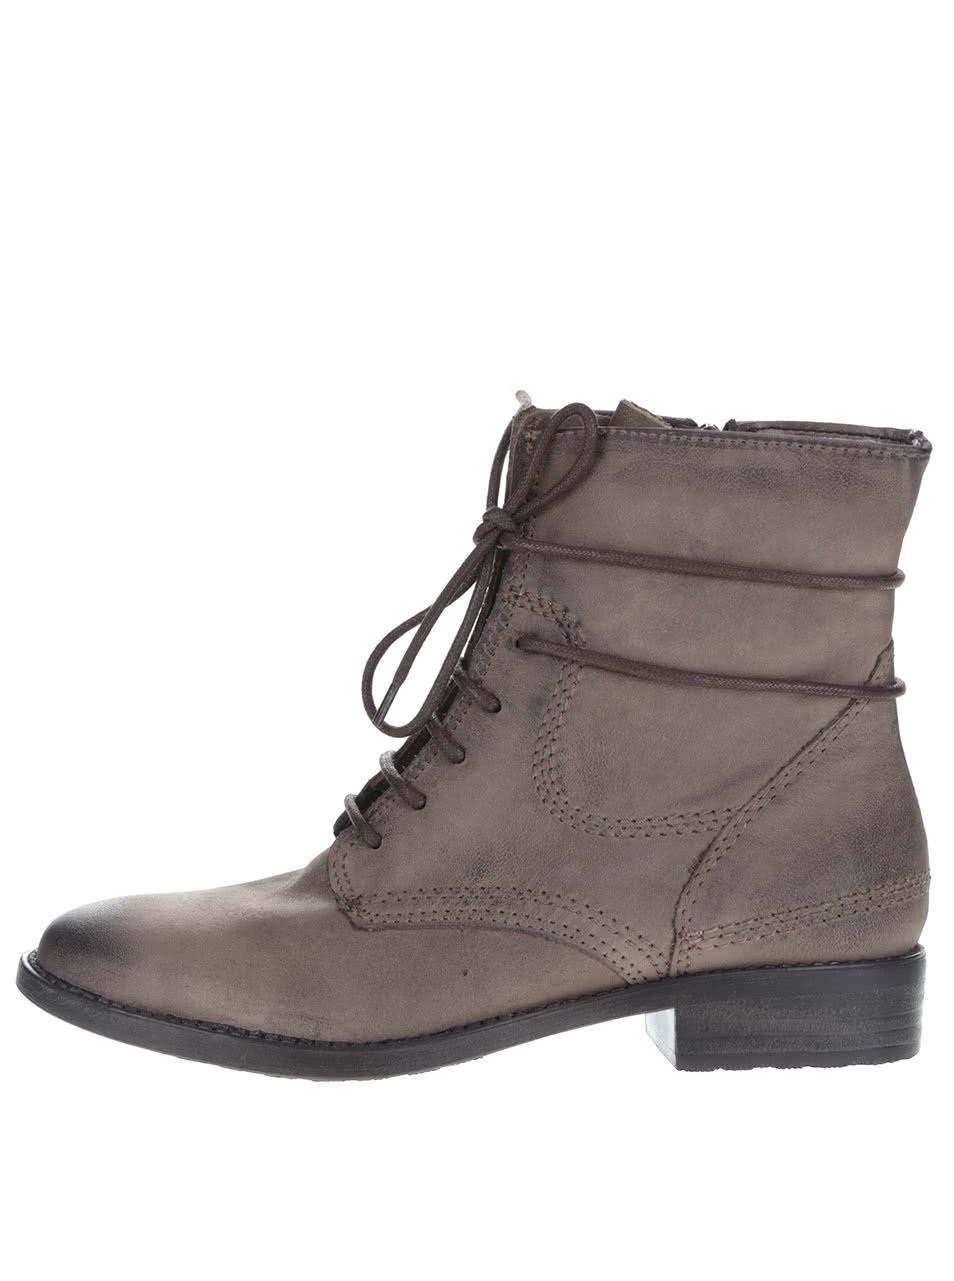 Sivohnedé kožené členkové topánky na šnurovanie a zips Tamaris ... 7b8dc0756c5